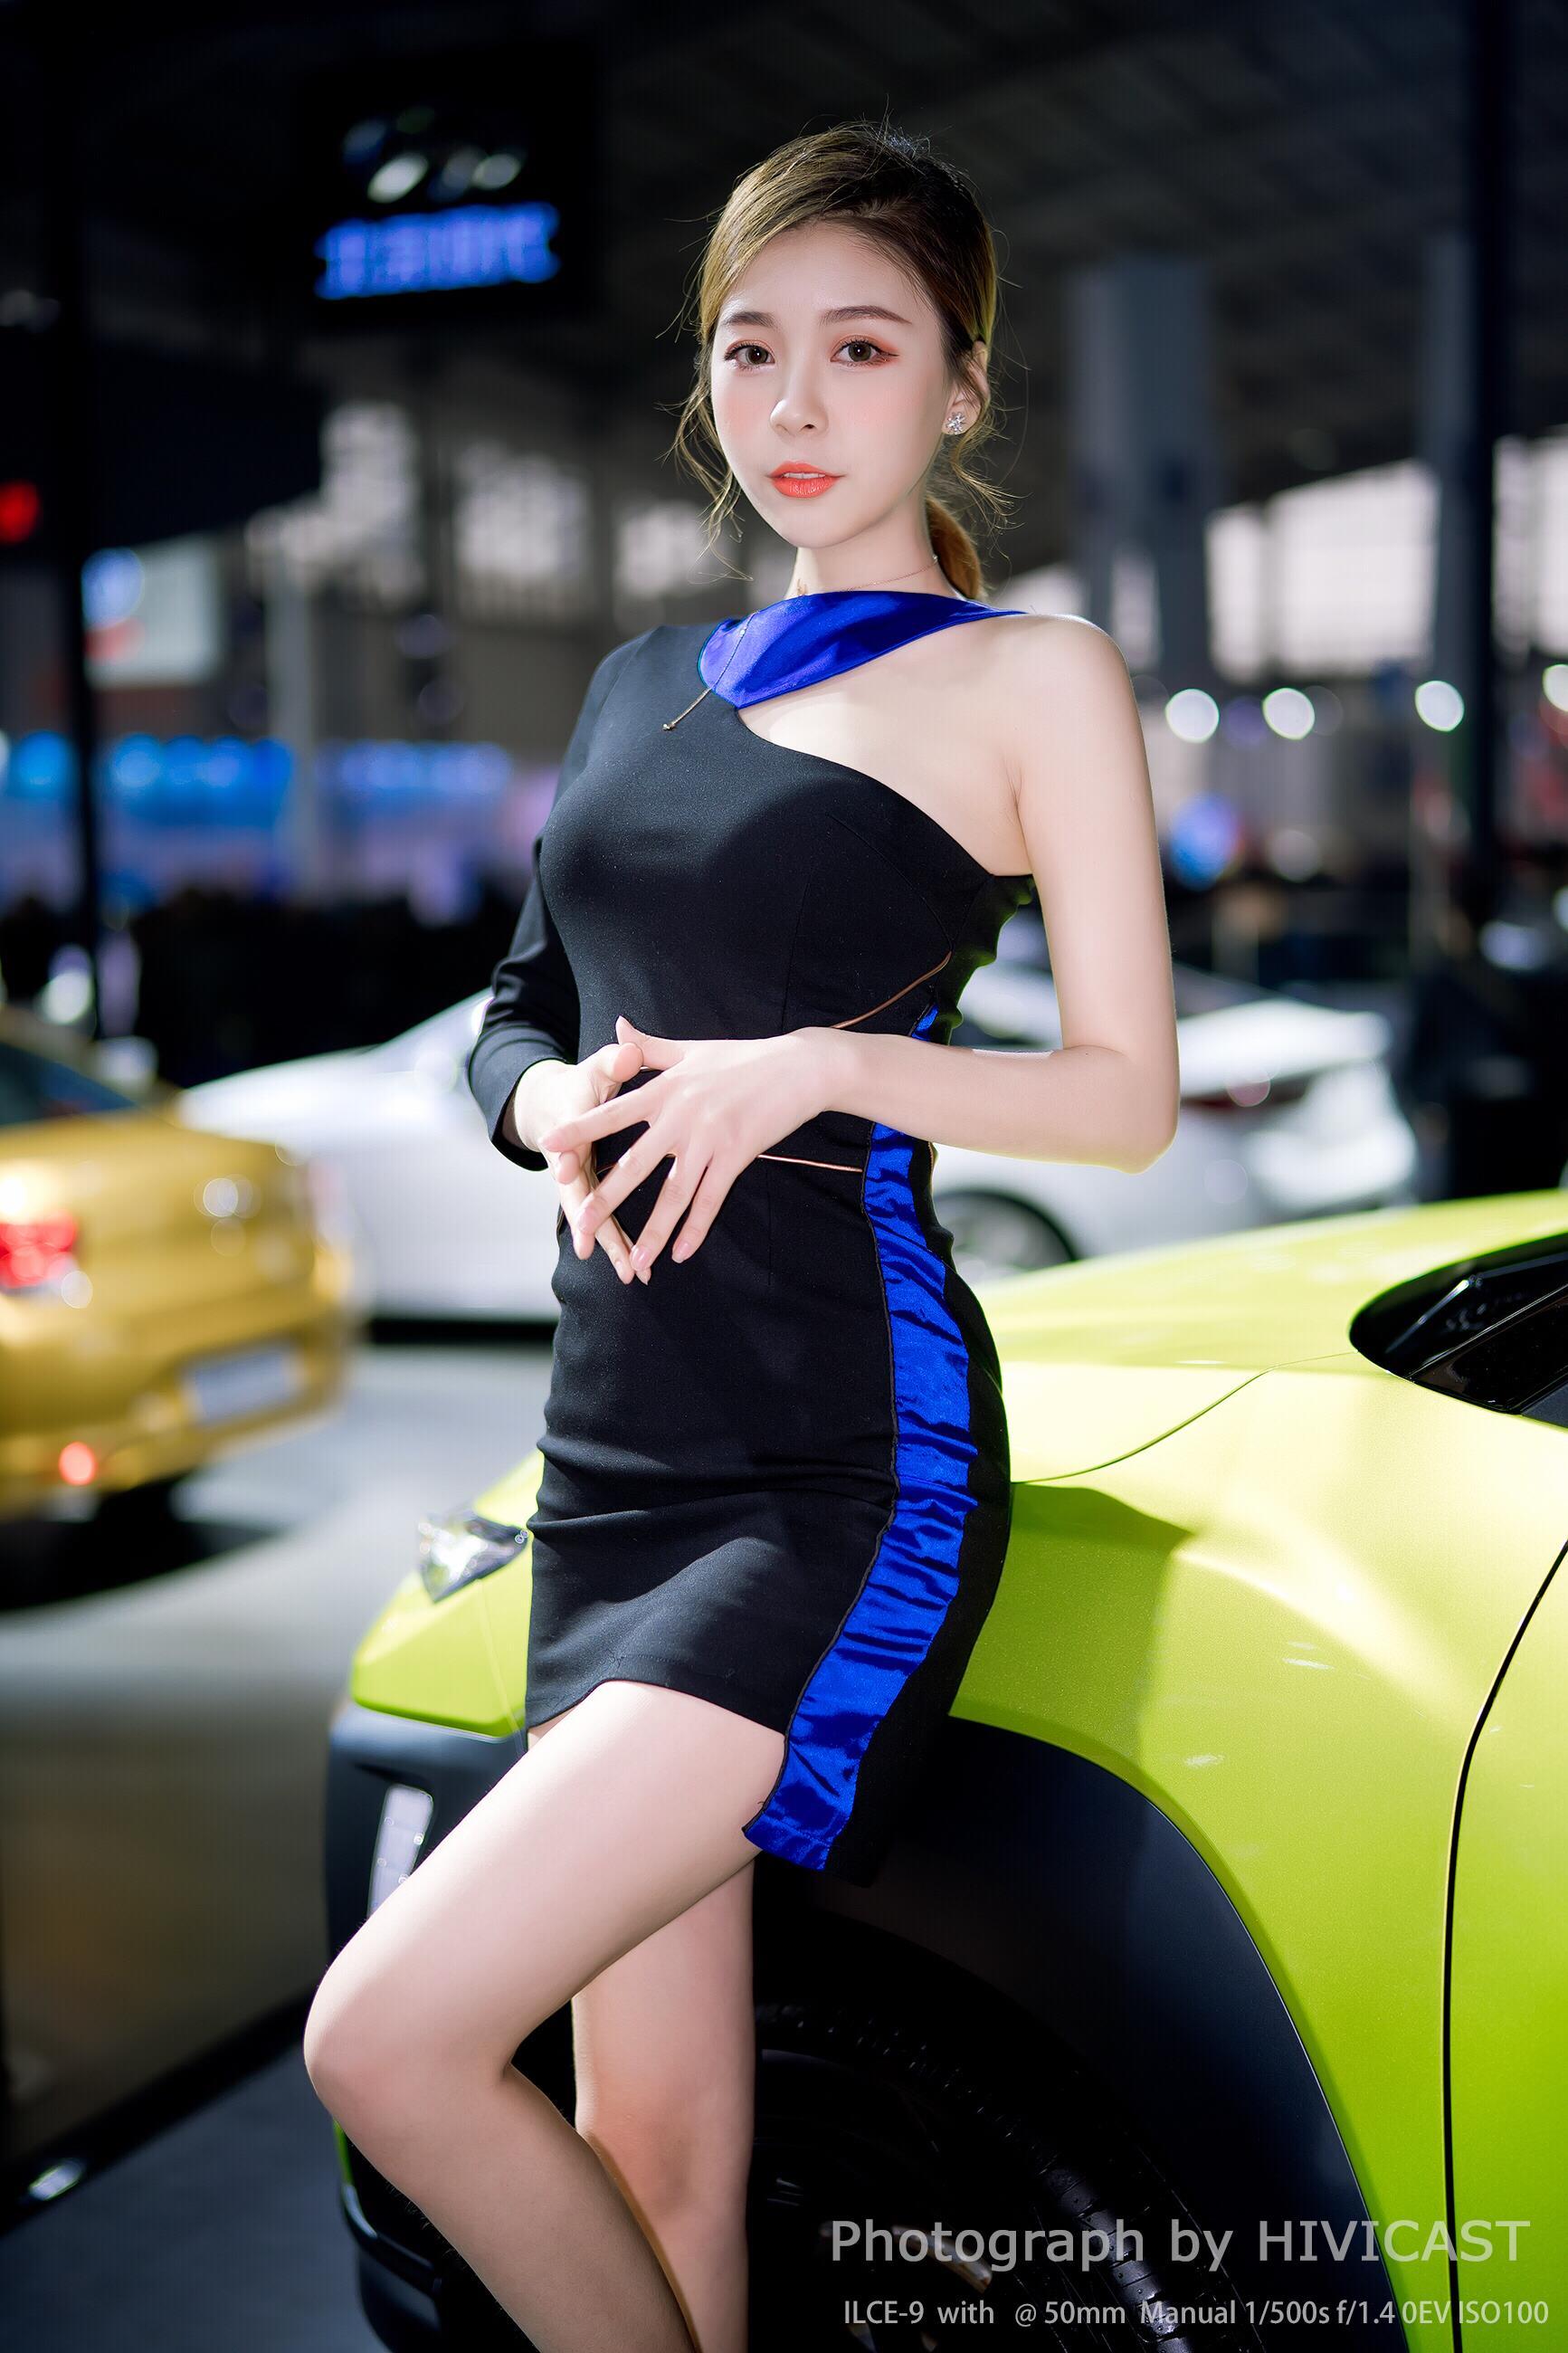 2018沈阳春季车展 北京现代汽车展台美女车模 卜秋琳 蓝色单肩连衣裙与性感美腿